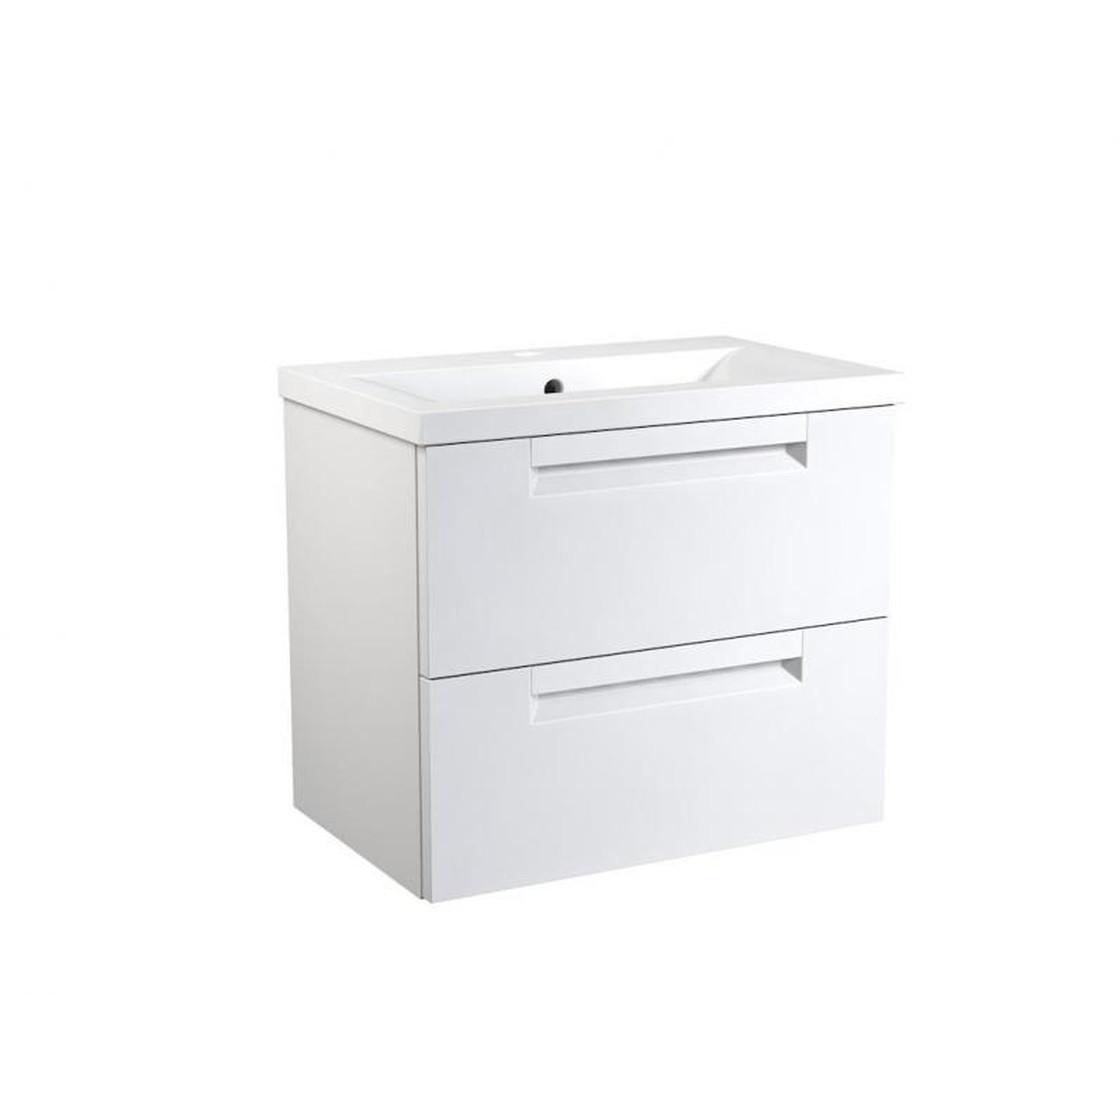 VidaMar Milano Waschtischunterschrank mit 2 Schubladen, Waschtisch, weiß  matt, 60 cm